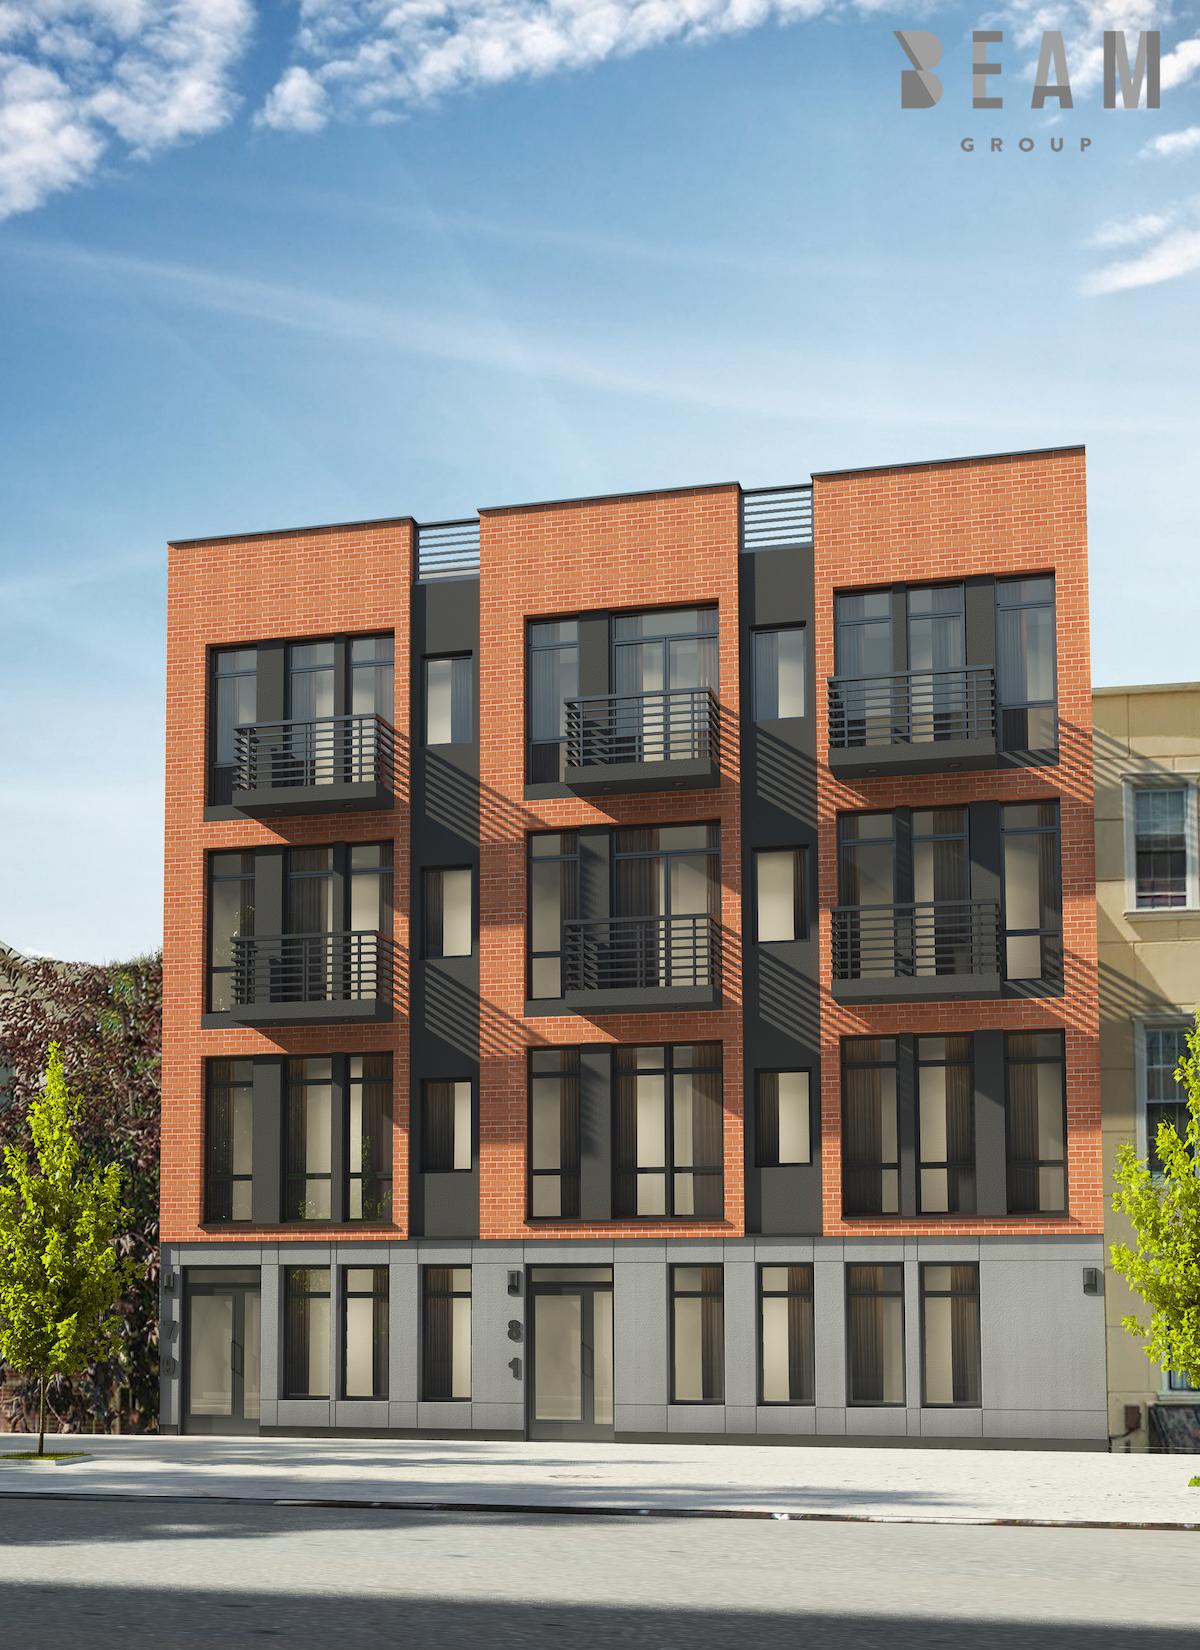 79-81 Stanhope Street, rendering by Beam Group